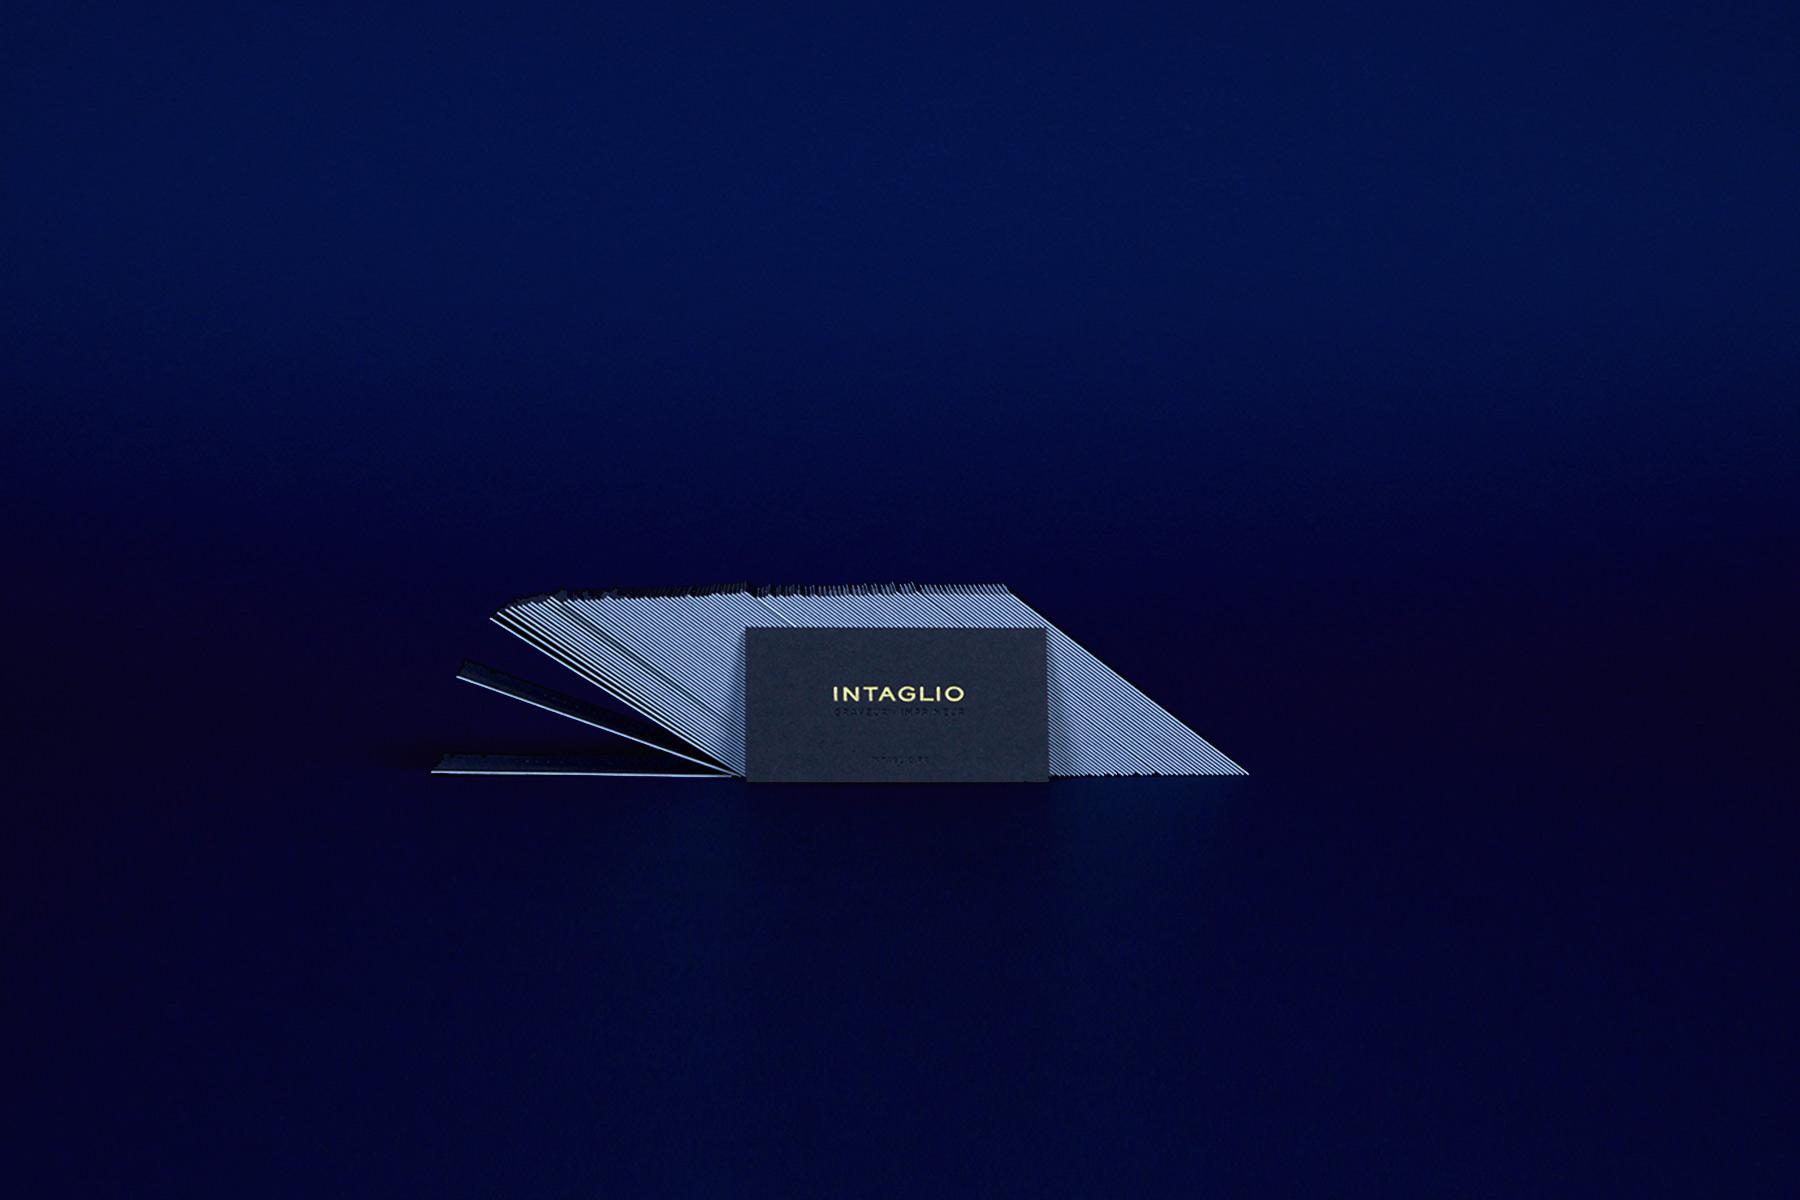 la photo représente la carte de visite de l'imprimerie Intaglio imprimée en gravure or sur papier noir